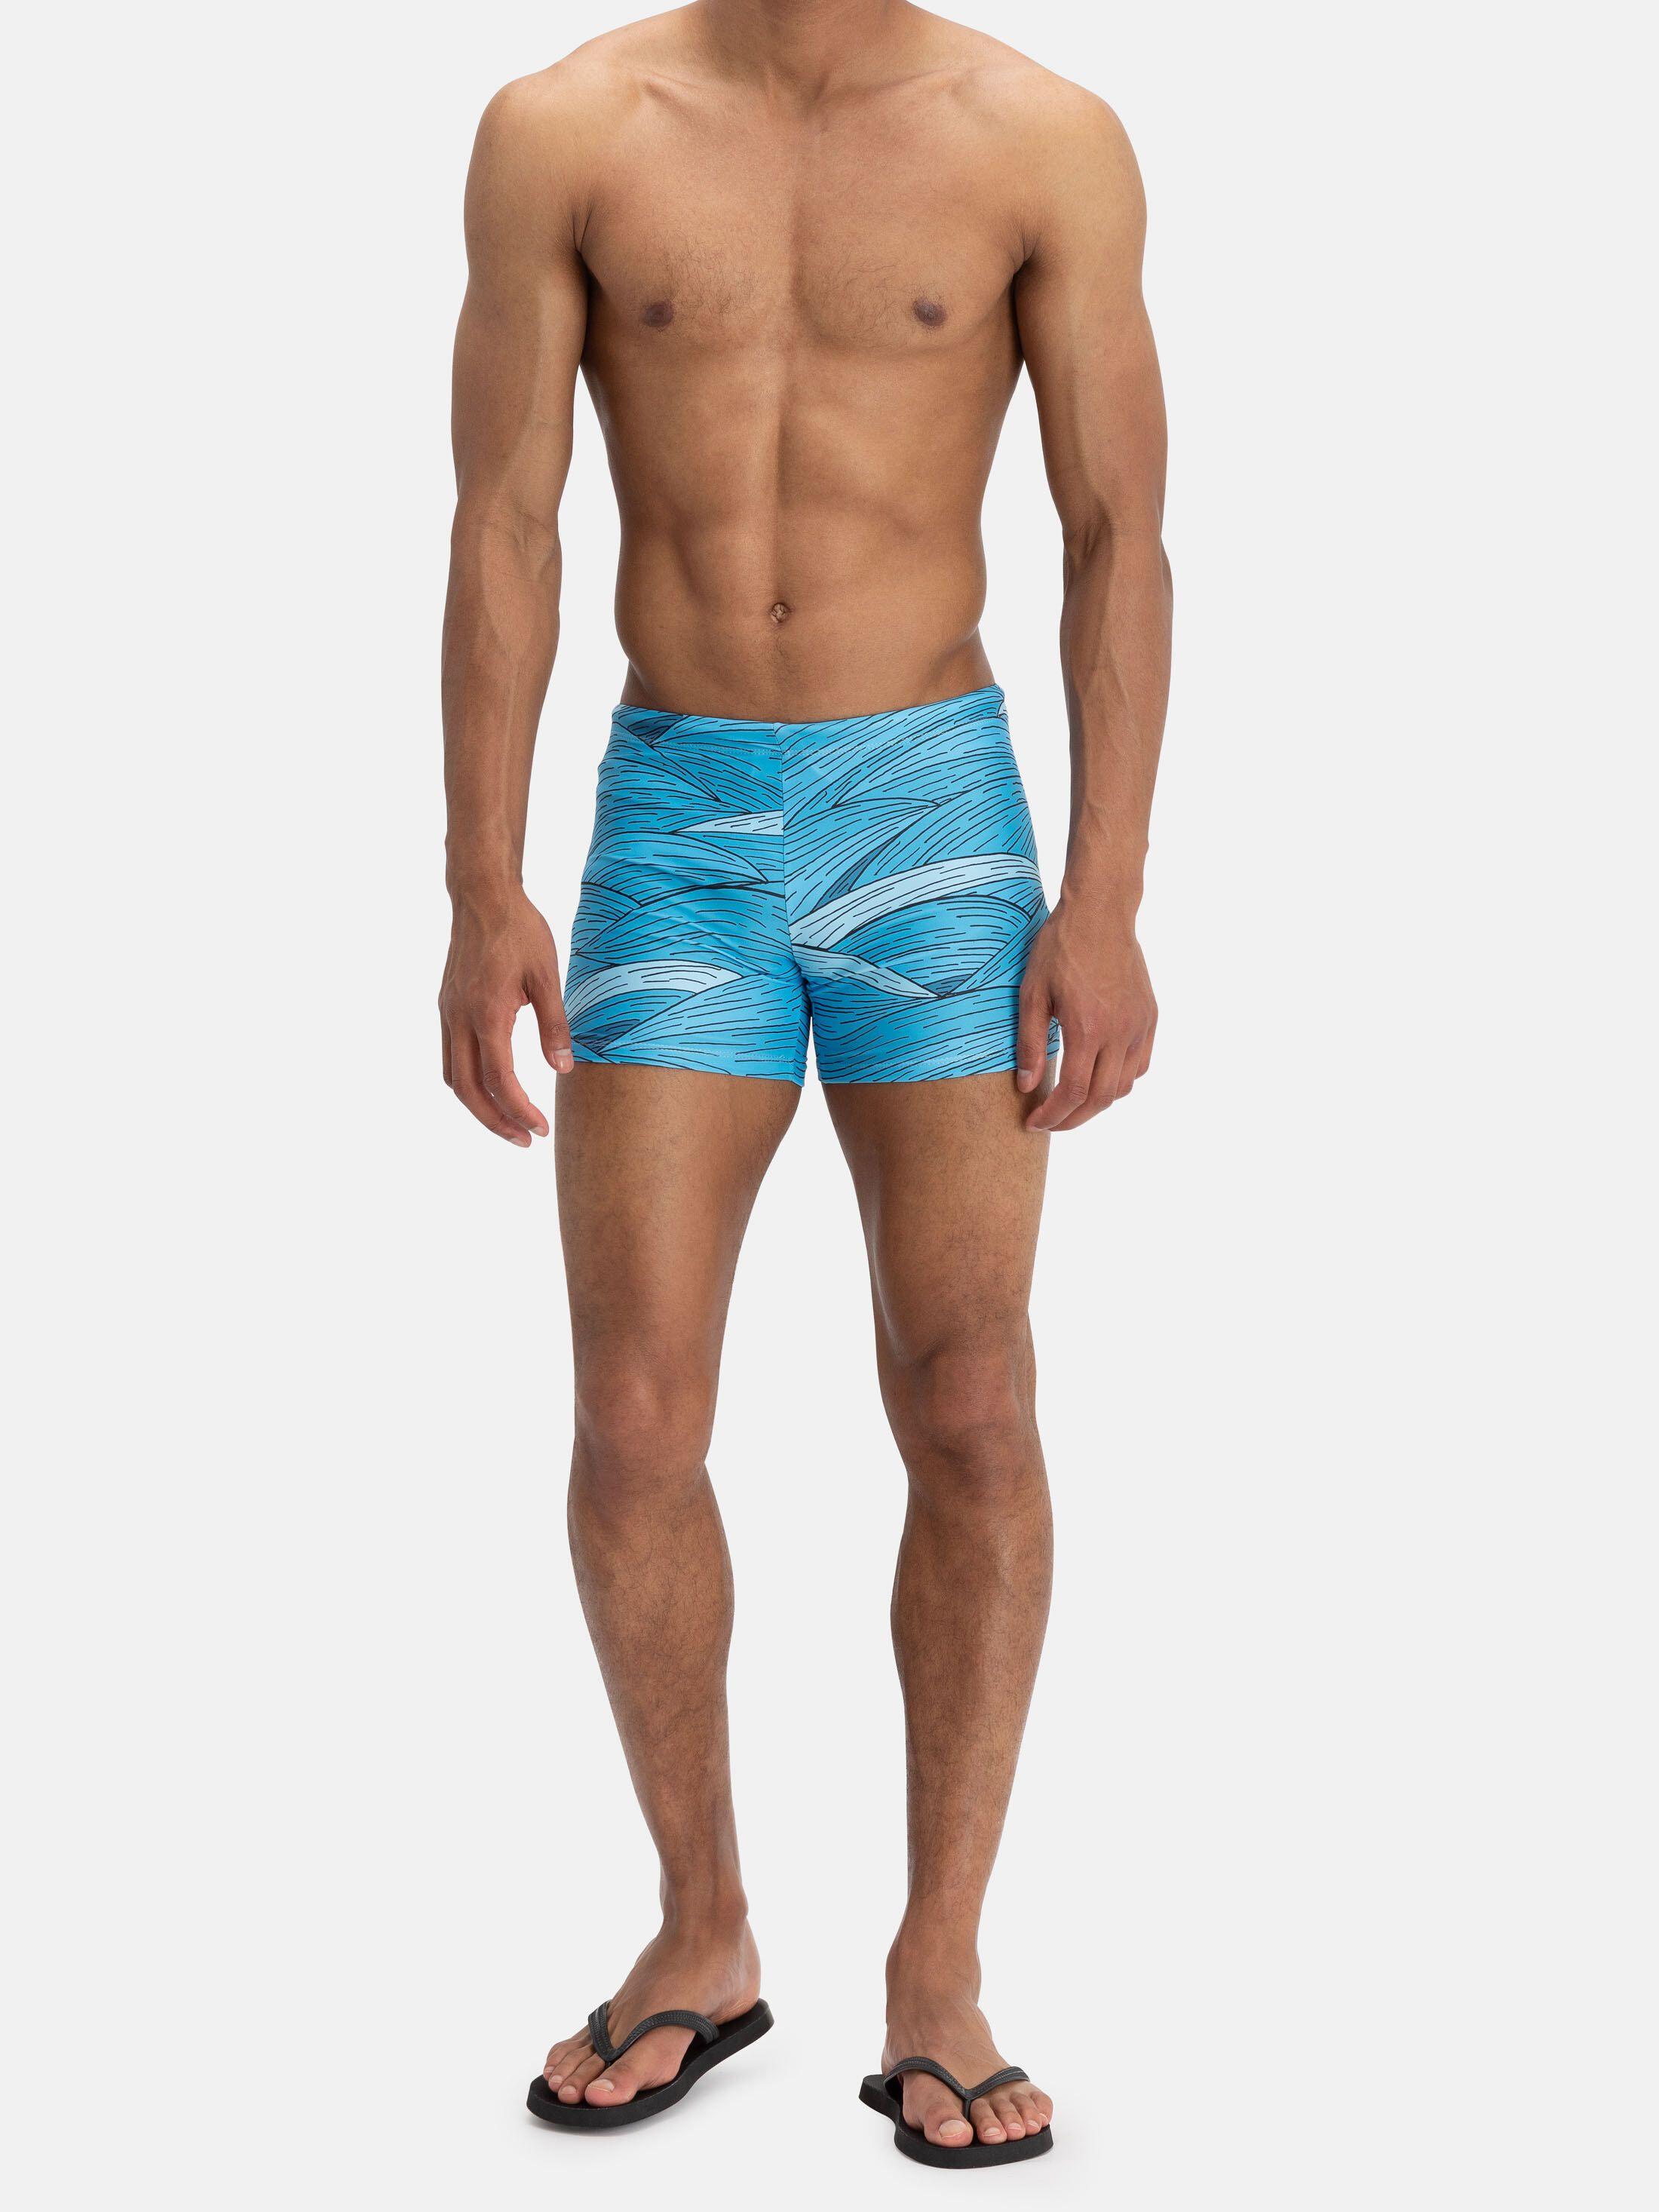 designer swimming trunks